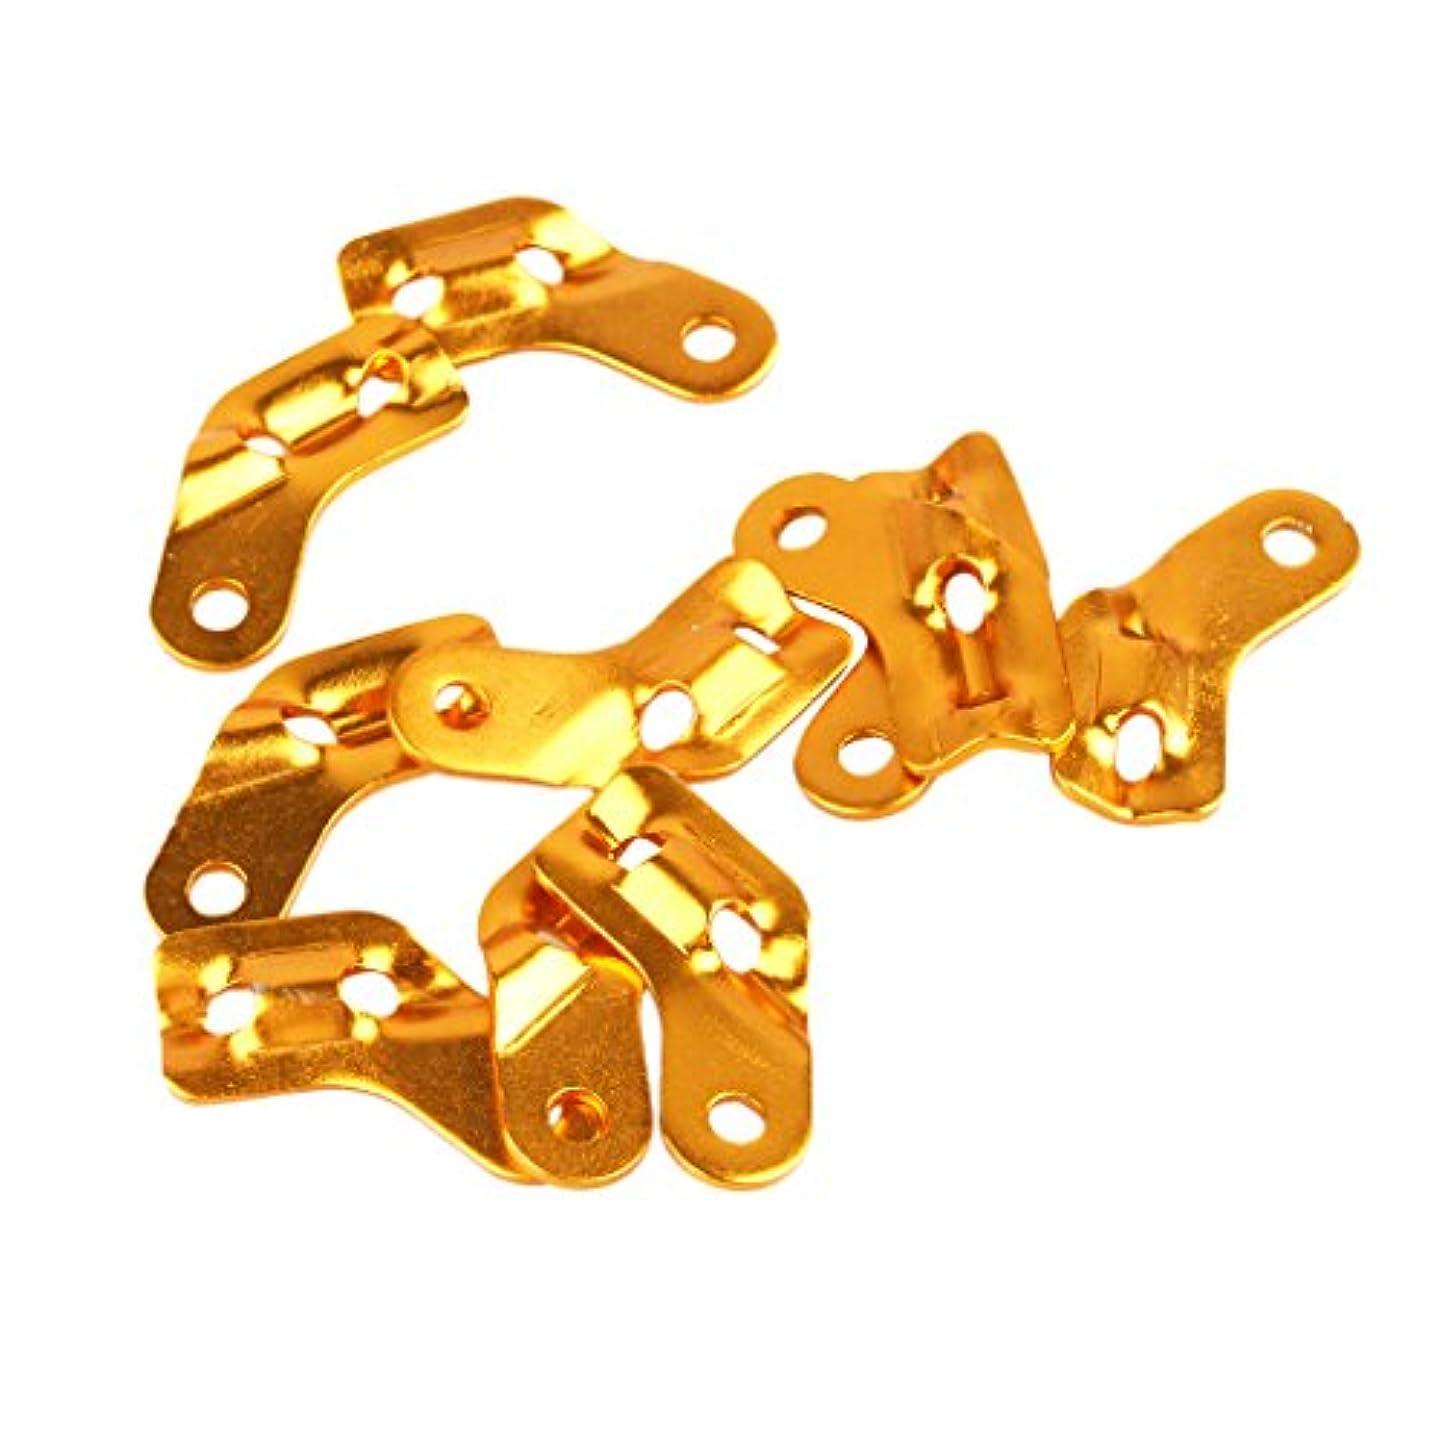 アリ宙返り眉【ノーブランド品】アルミニウム合金製 L字型 アドジャスタブル ロープ テンショナー アンチスリップ (ゴールド) 10個